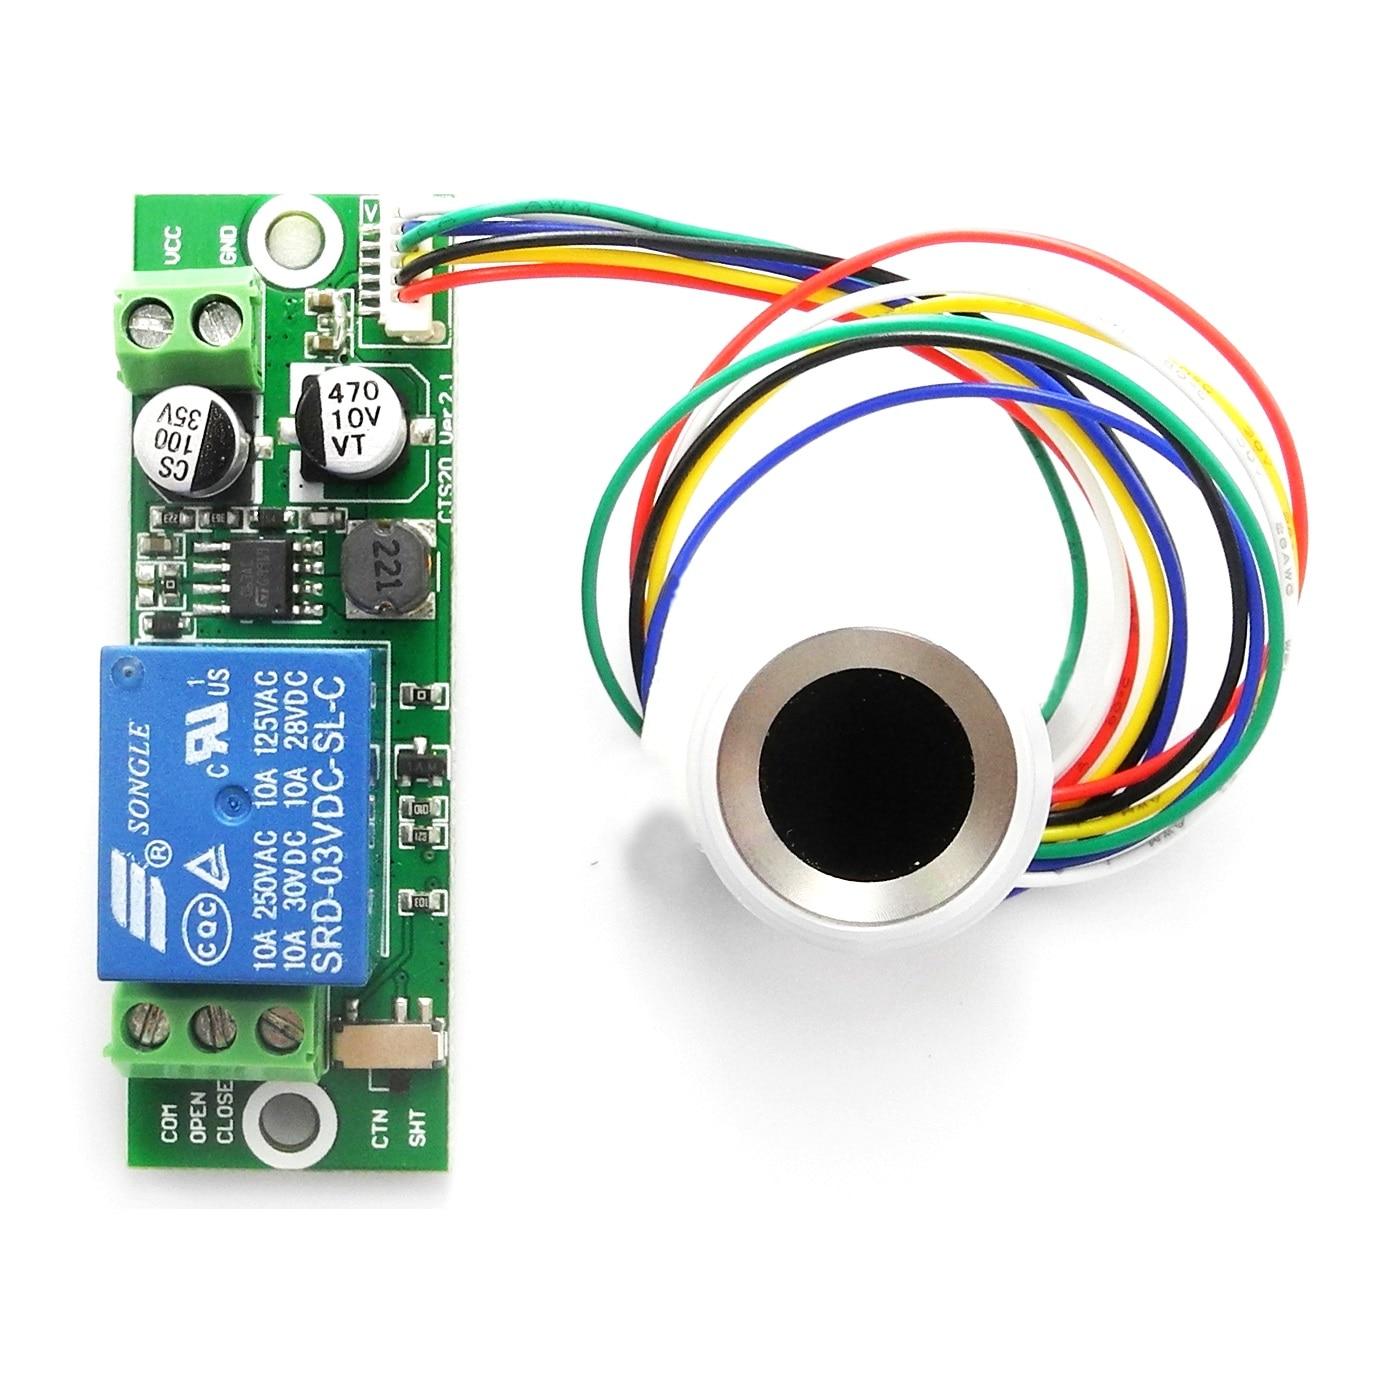 Módulo de Identificación de huella dactilar BIO DIY Módulo de relé de Control de autenticación de huella dactilar para Control de acceso 12V 24V